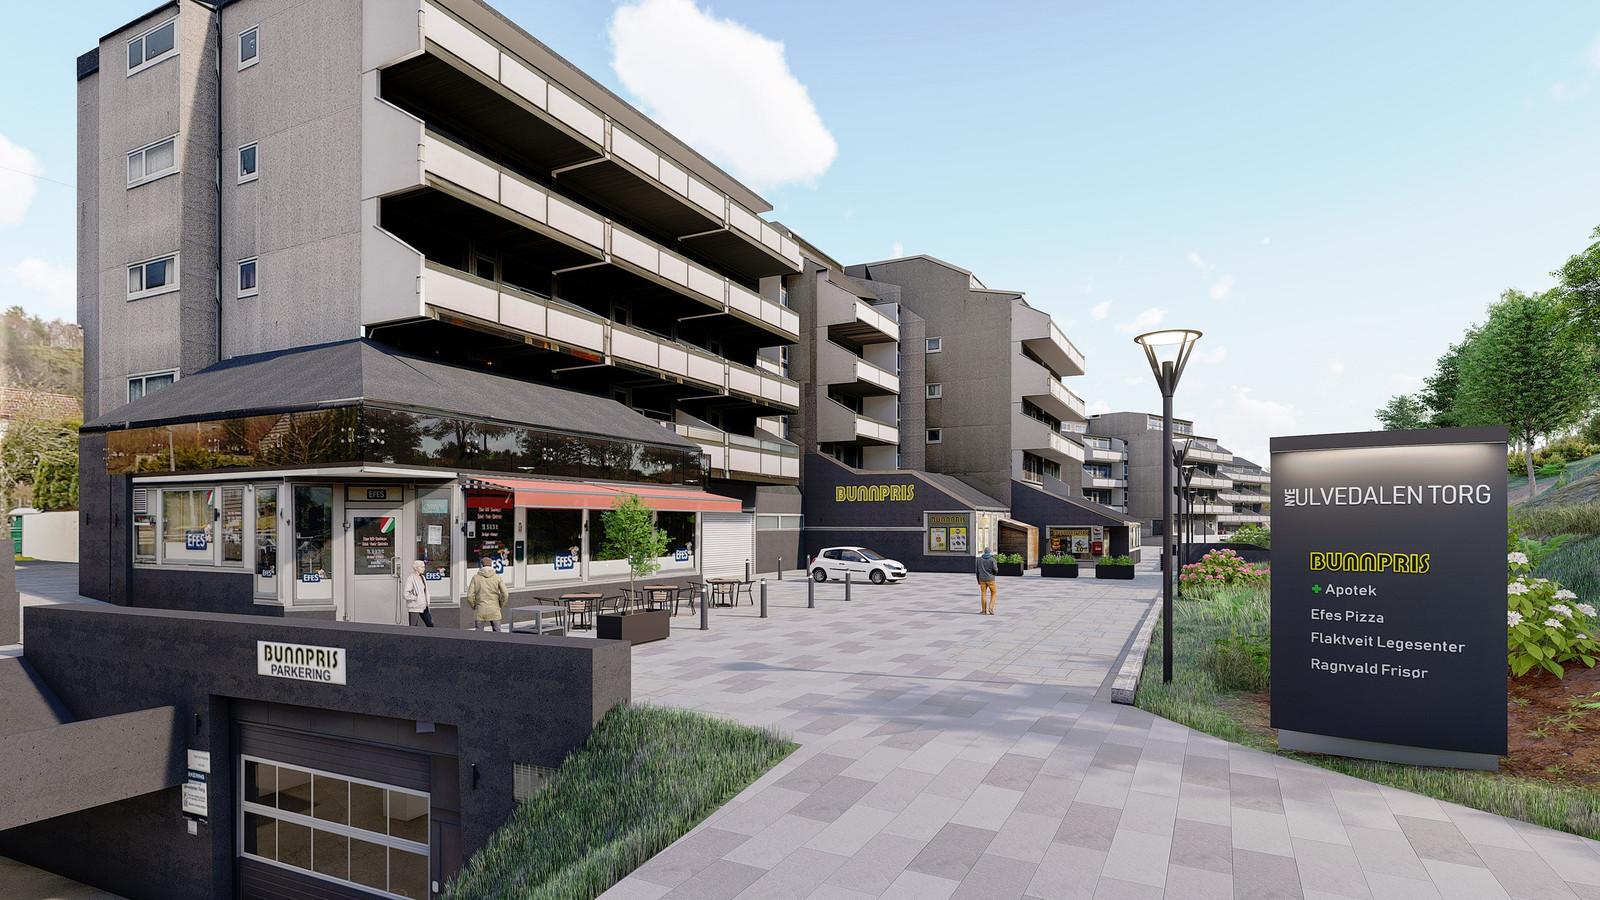 Ulvedalen Torg planlegges revitalisert med oppgraderte uteområder.